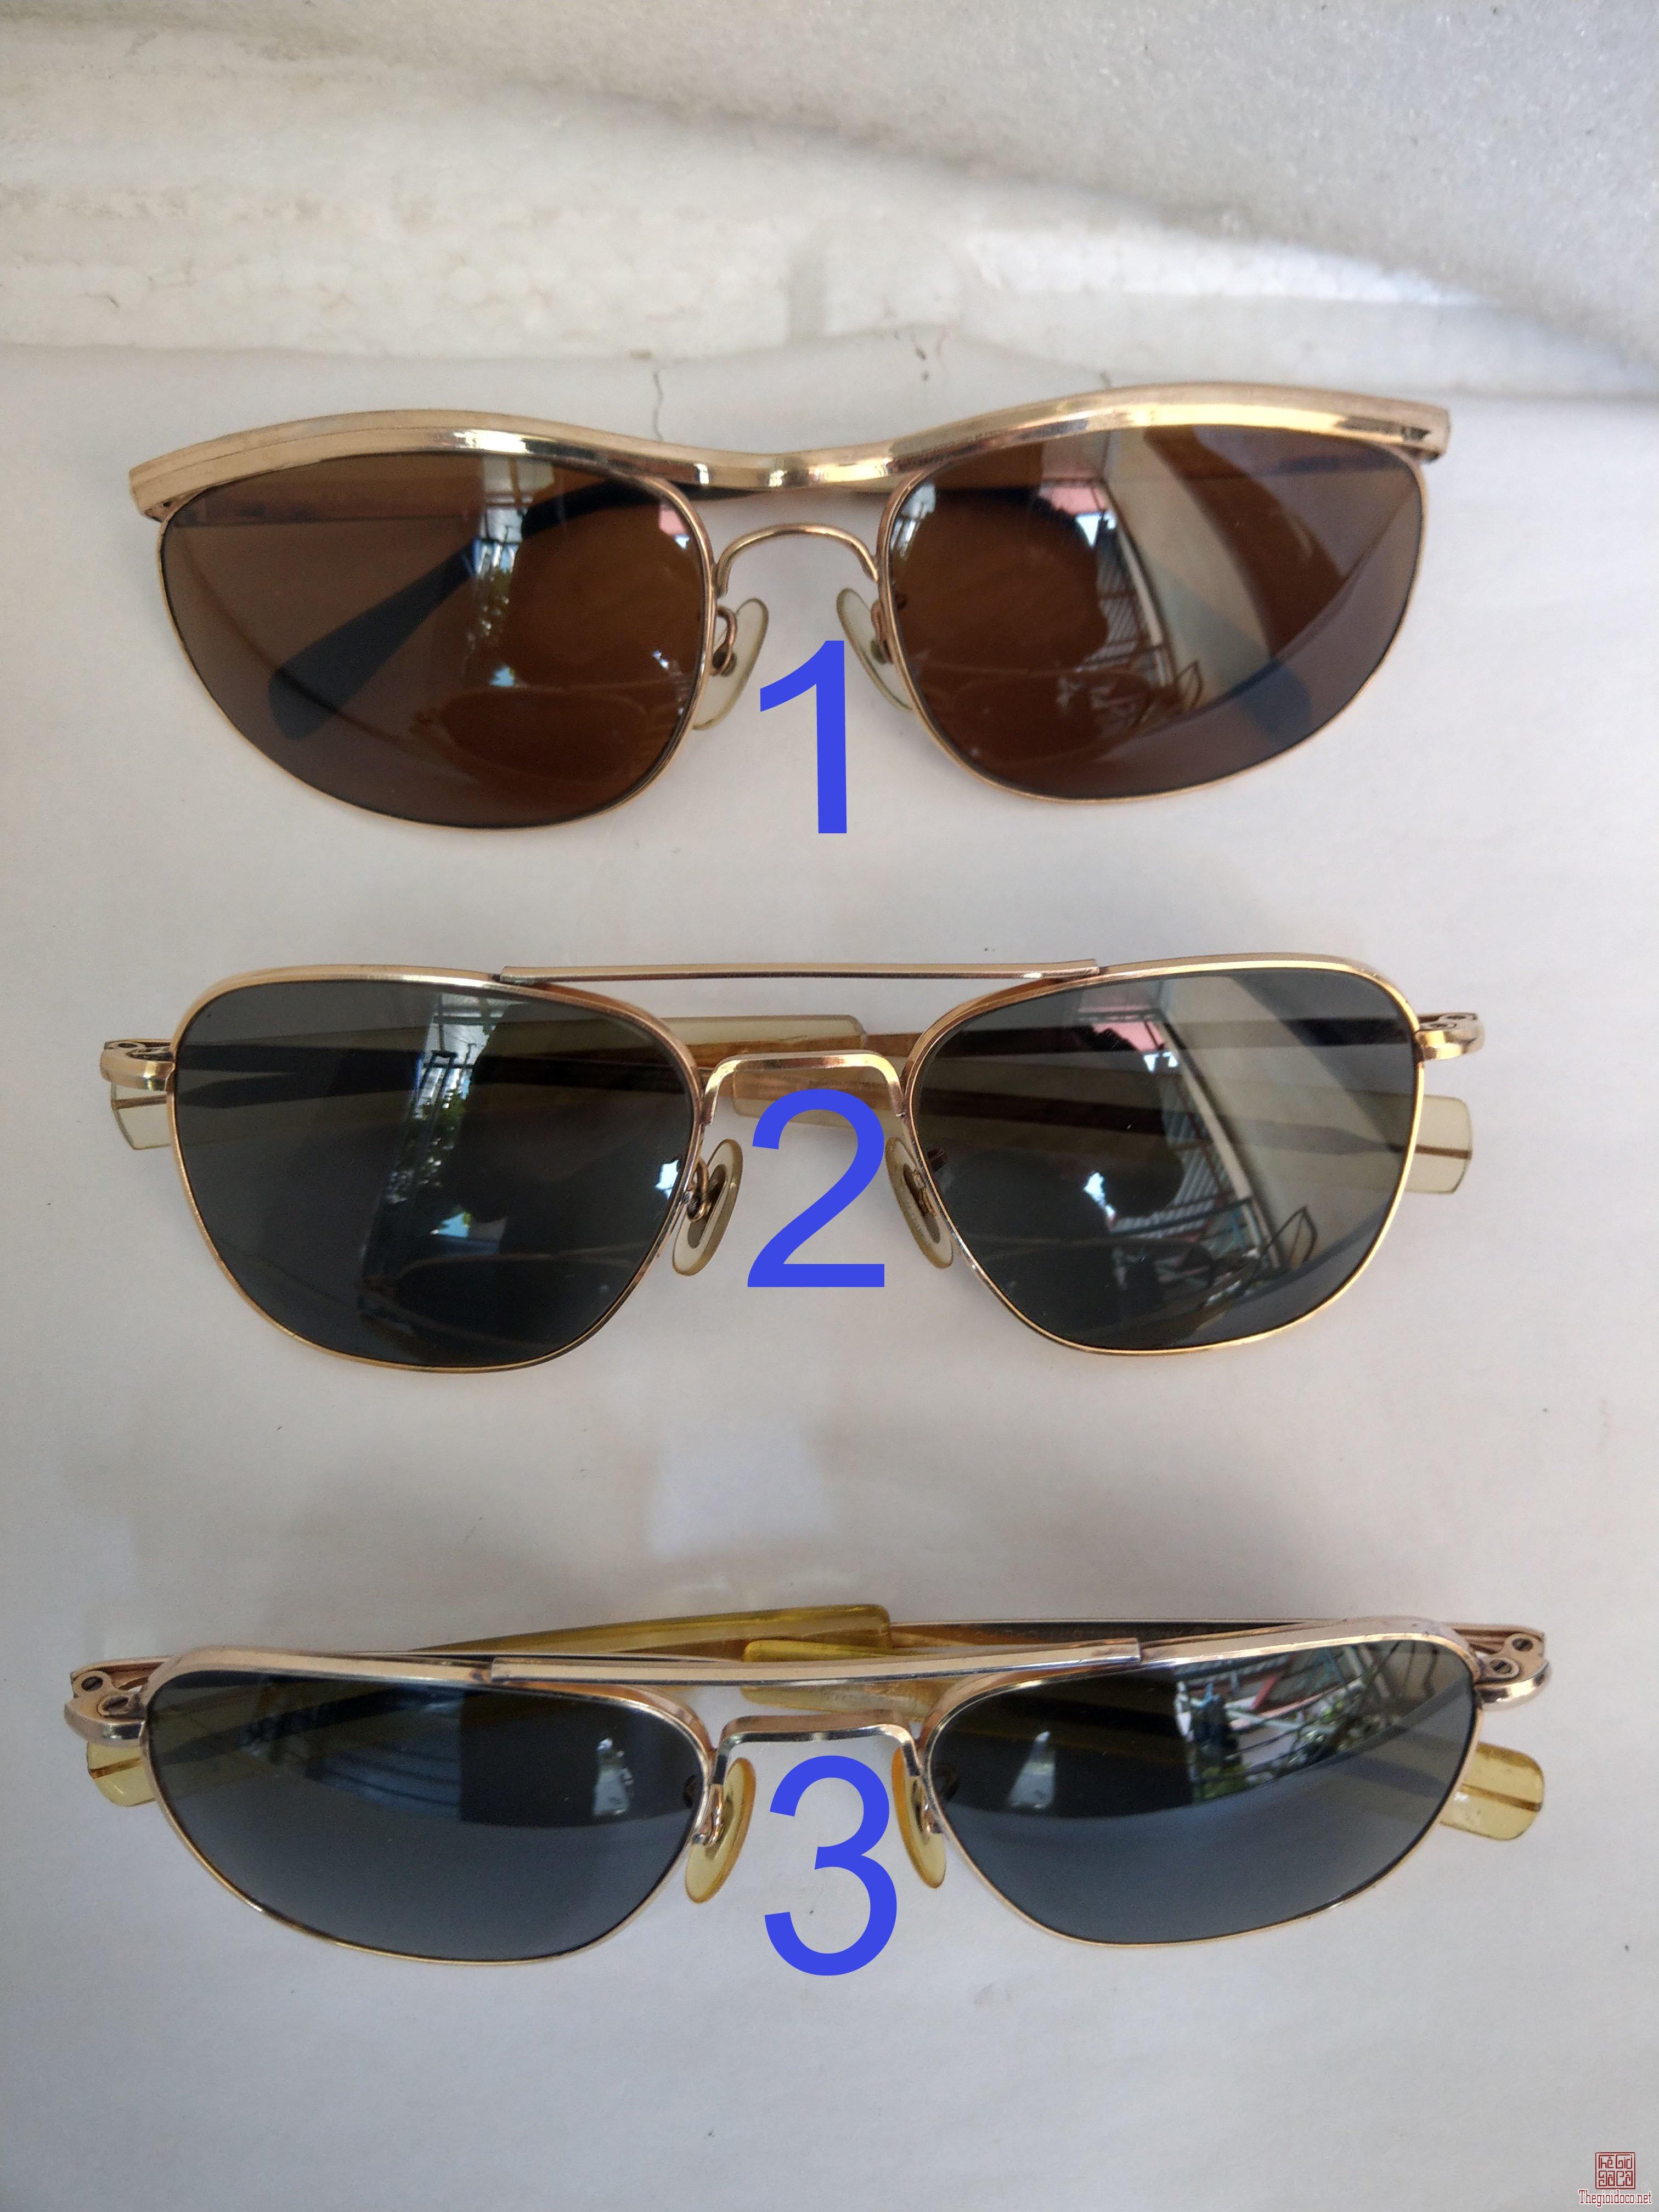 Có  3  cái kính cổ mới về bọc vàng, 2 cái  kính cơn AmericanOptical - USA và 1 cái ALGHA Của Anh